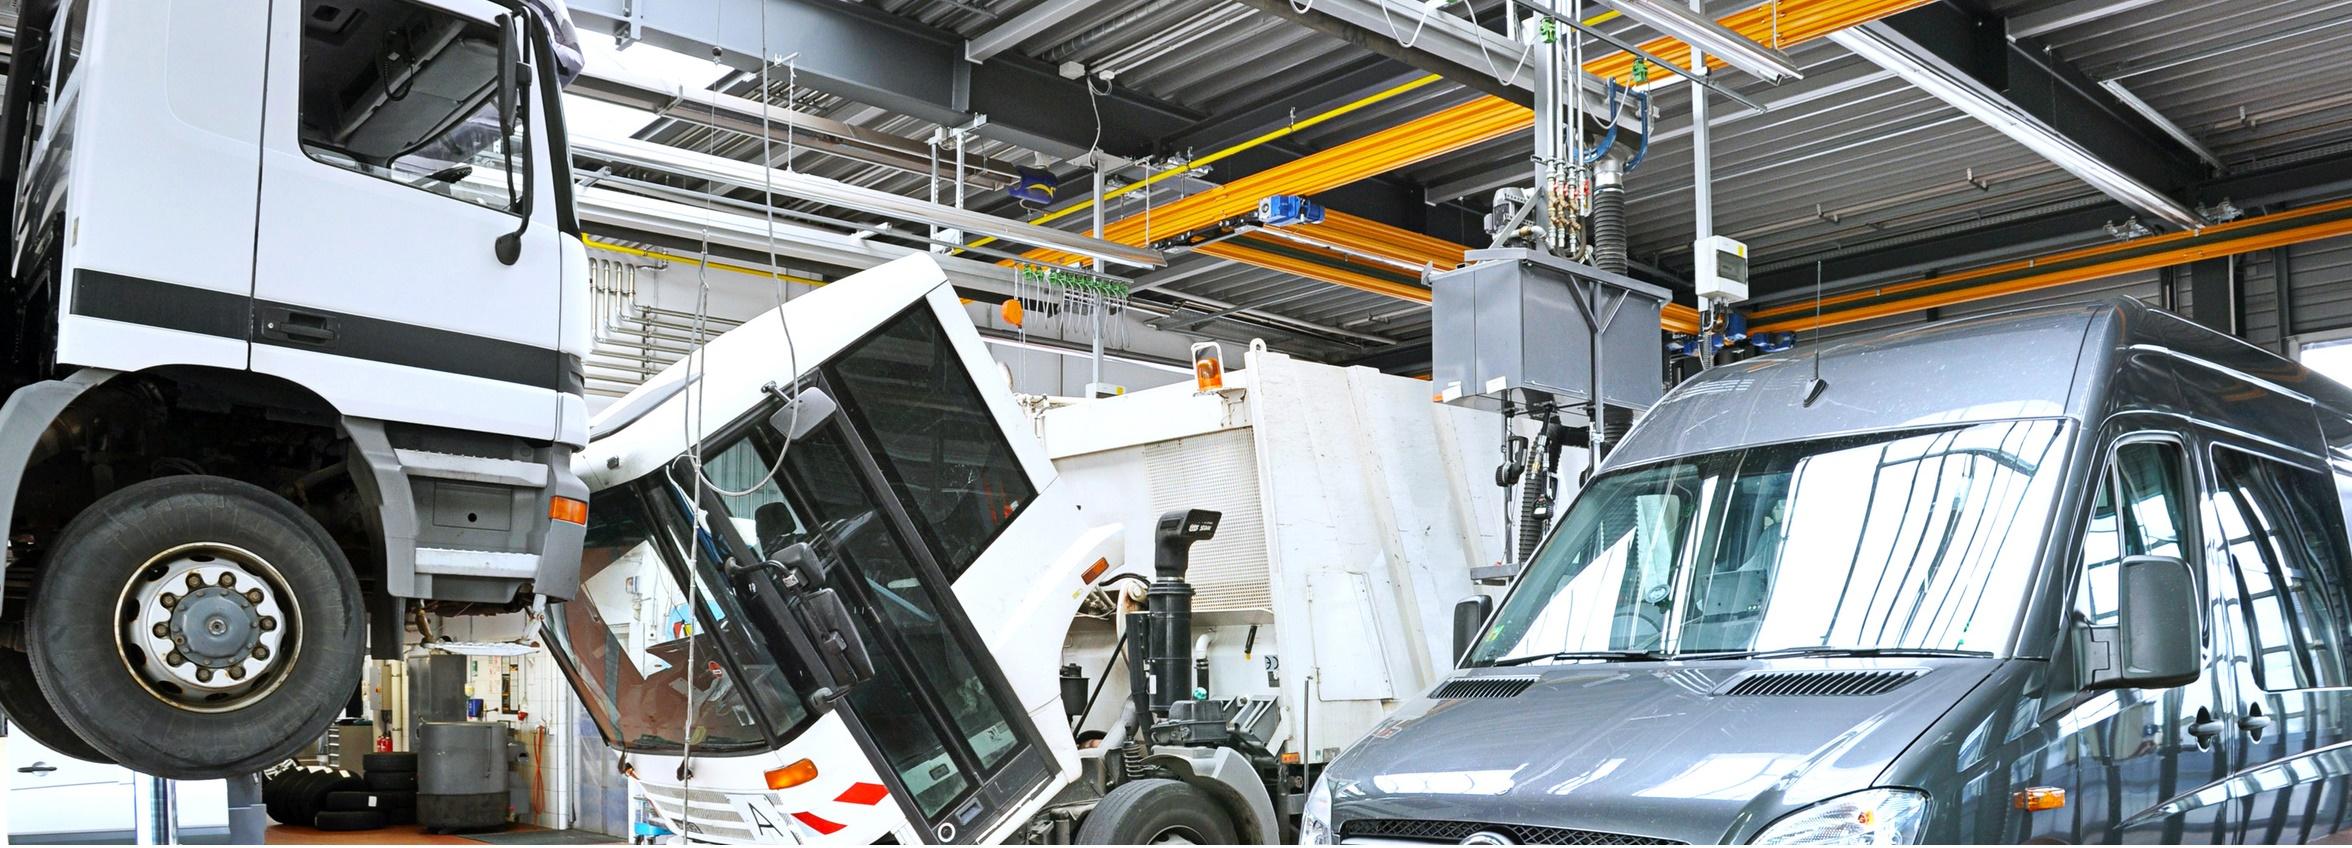 Komplexní servis pro nákladní a osobní automobily